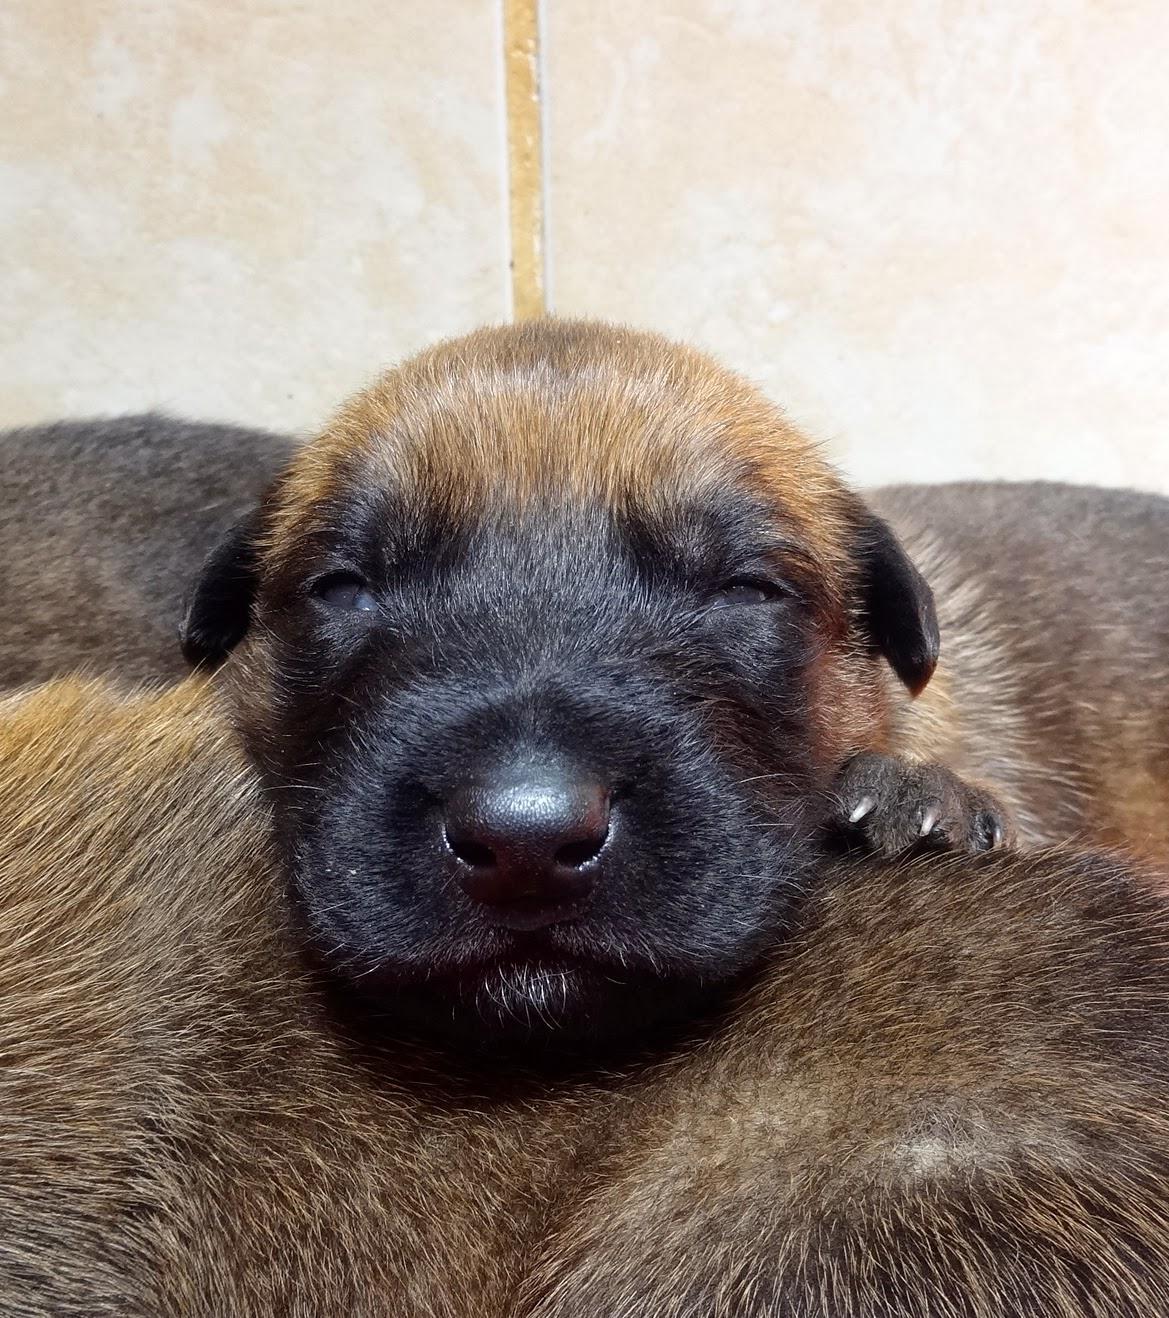 Cachorros - Puppies - Welpen